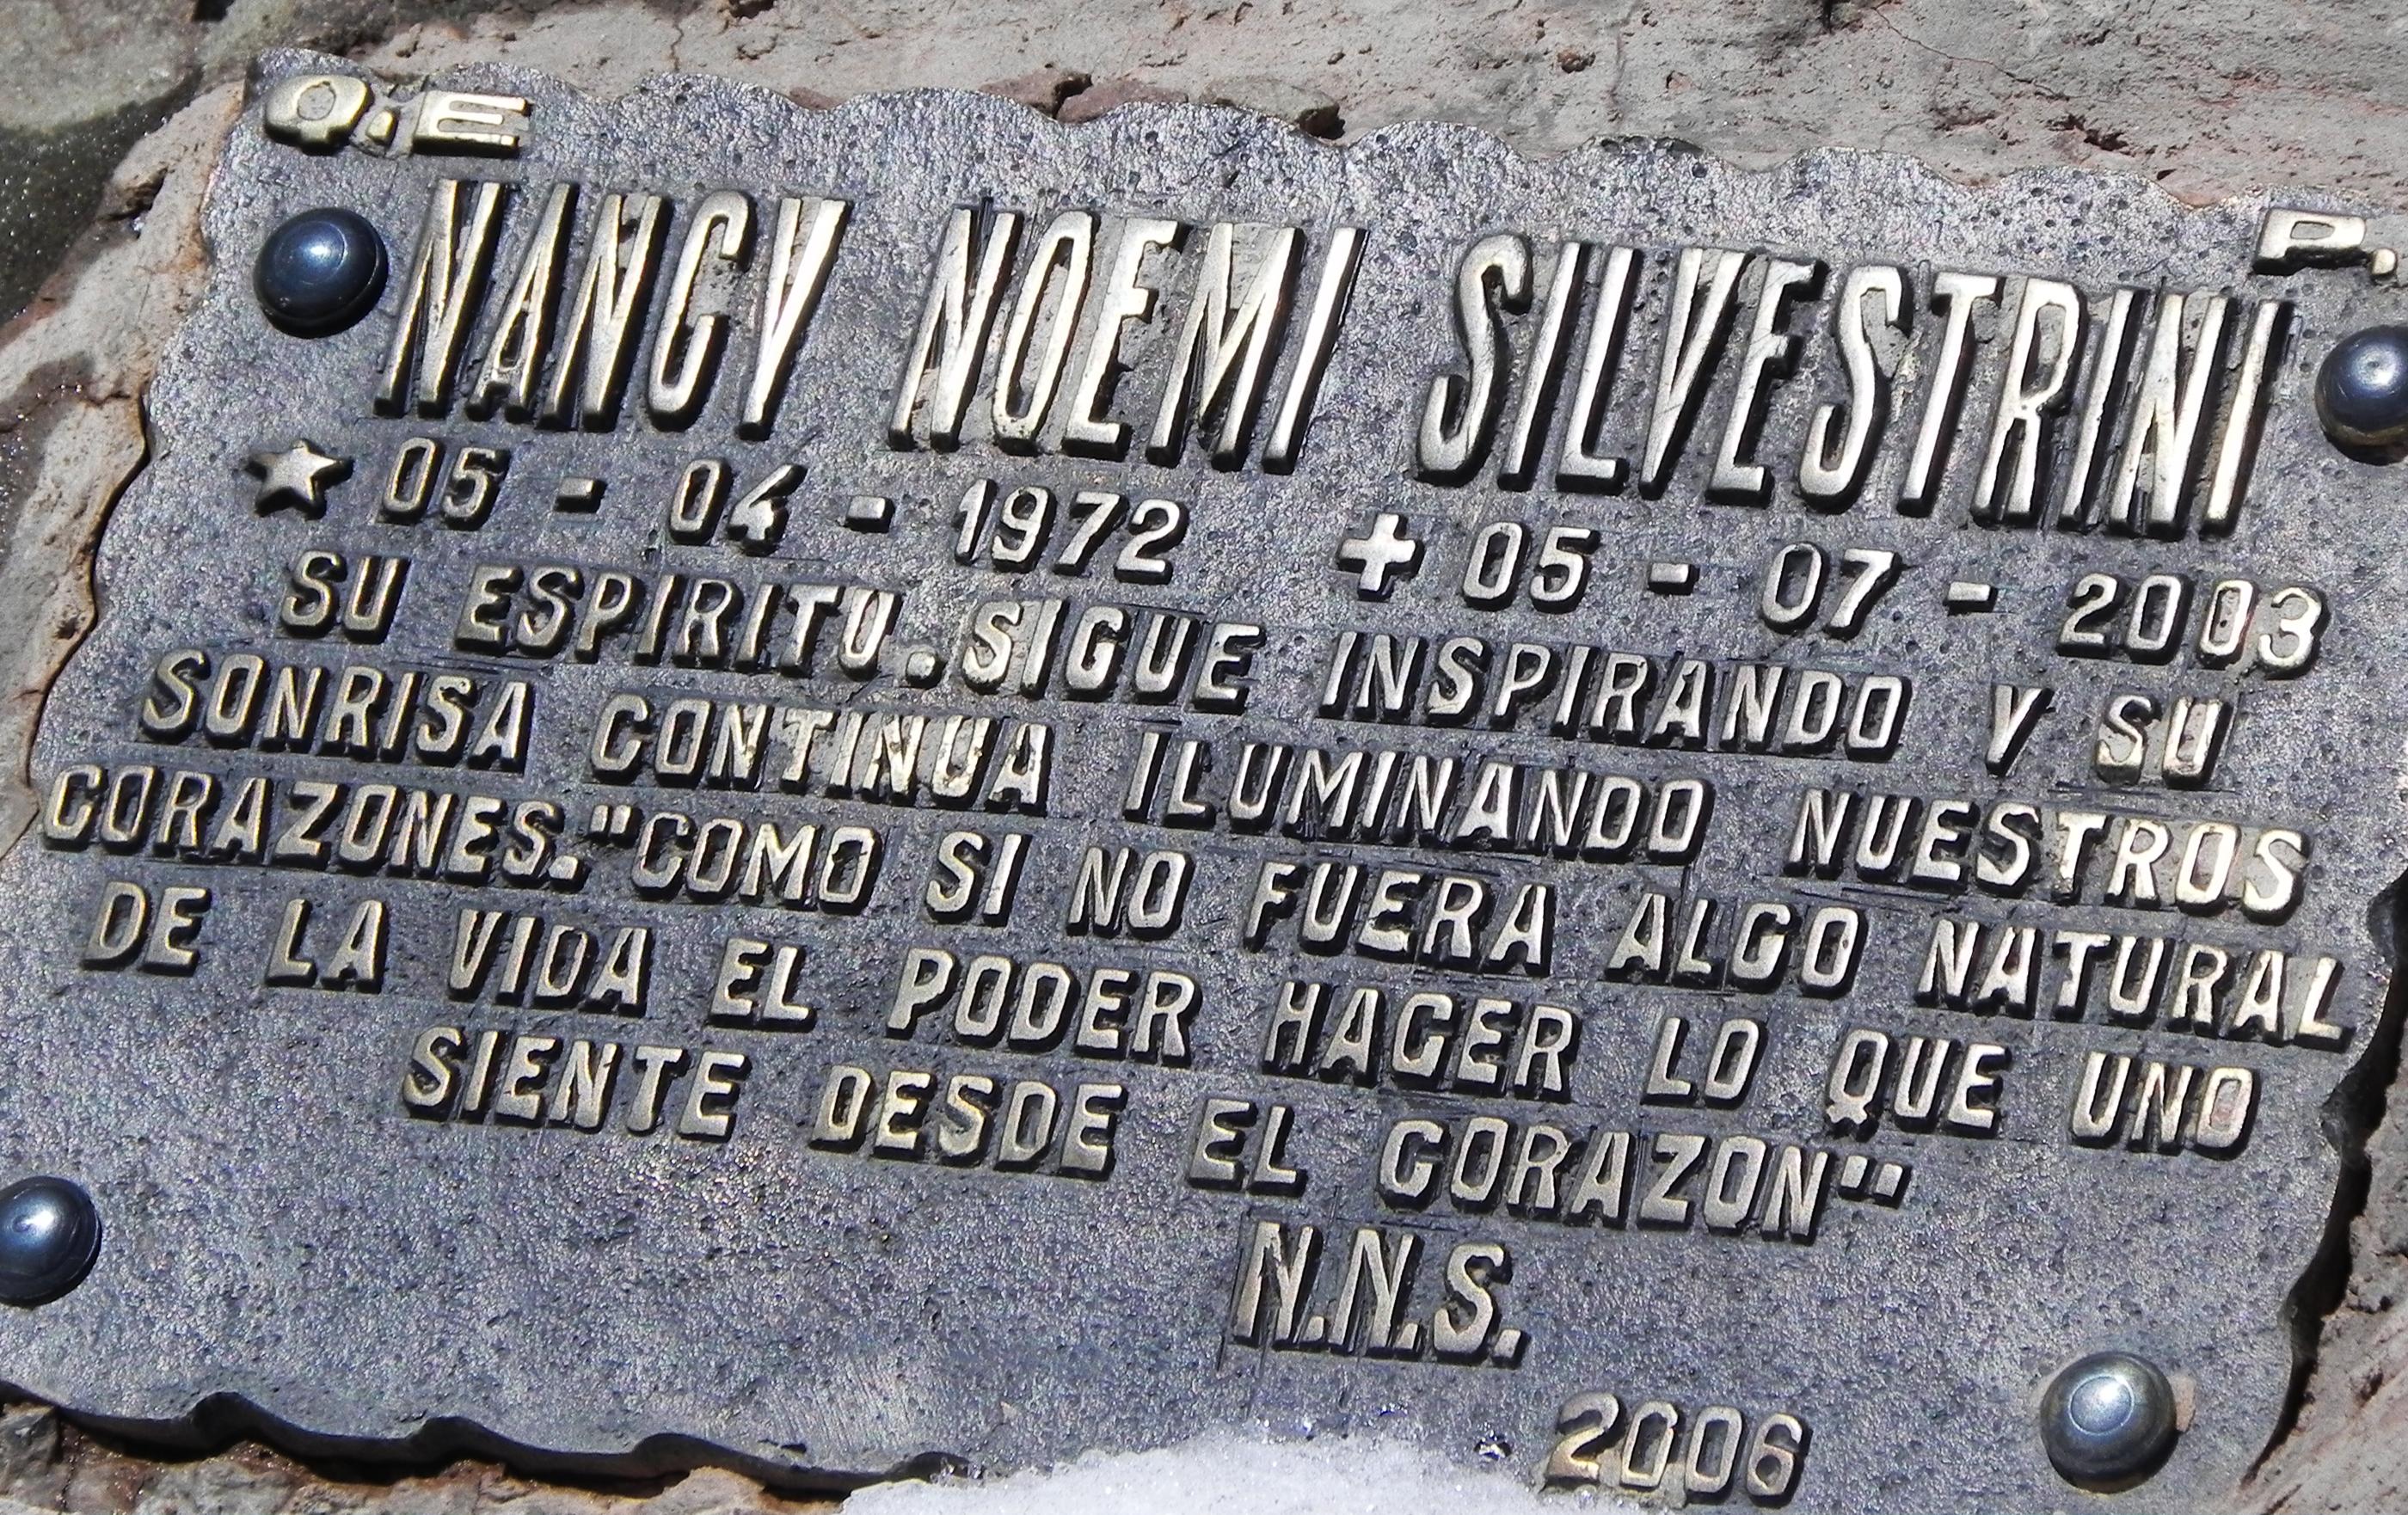 Sus restos yacen aún en el Himalaya. Una placa en el Cementerio de Andinistas, Puente del Inca, honra su memoria.